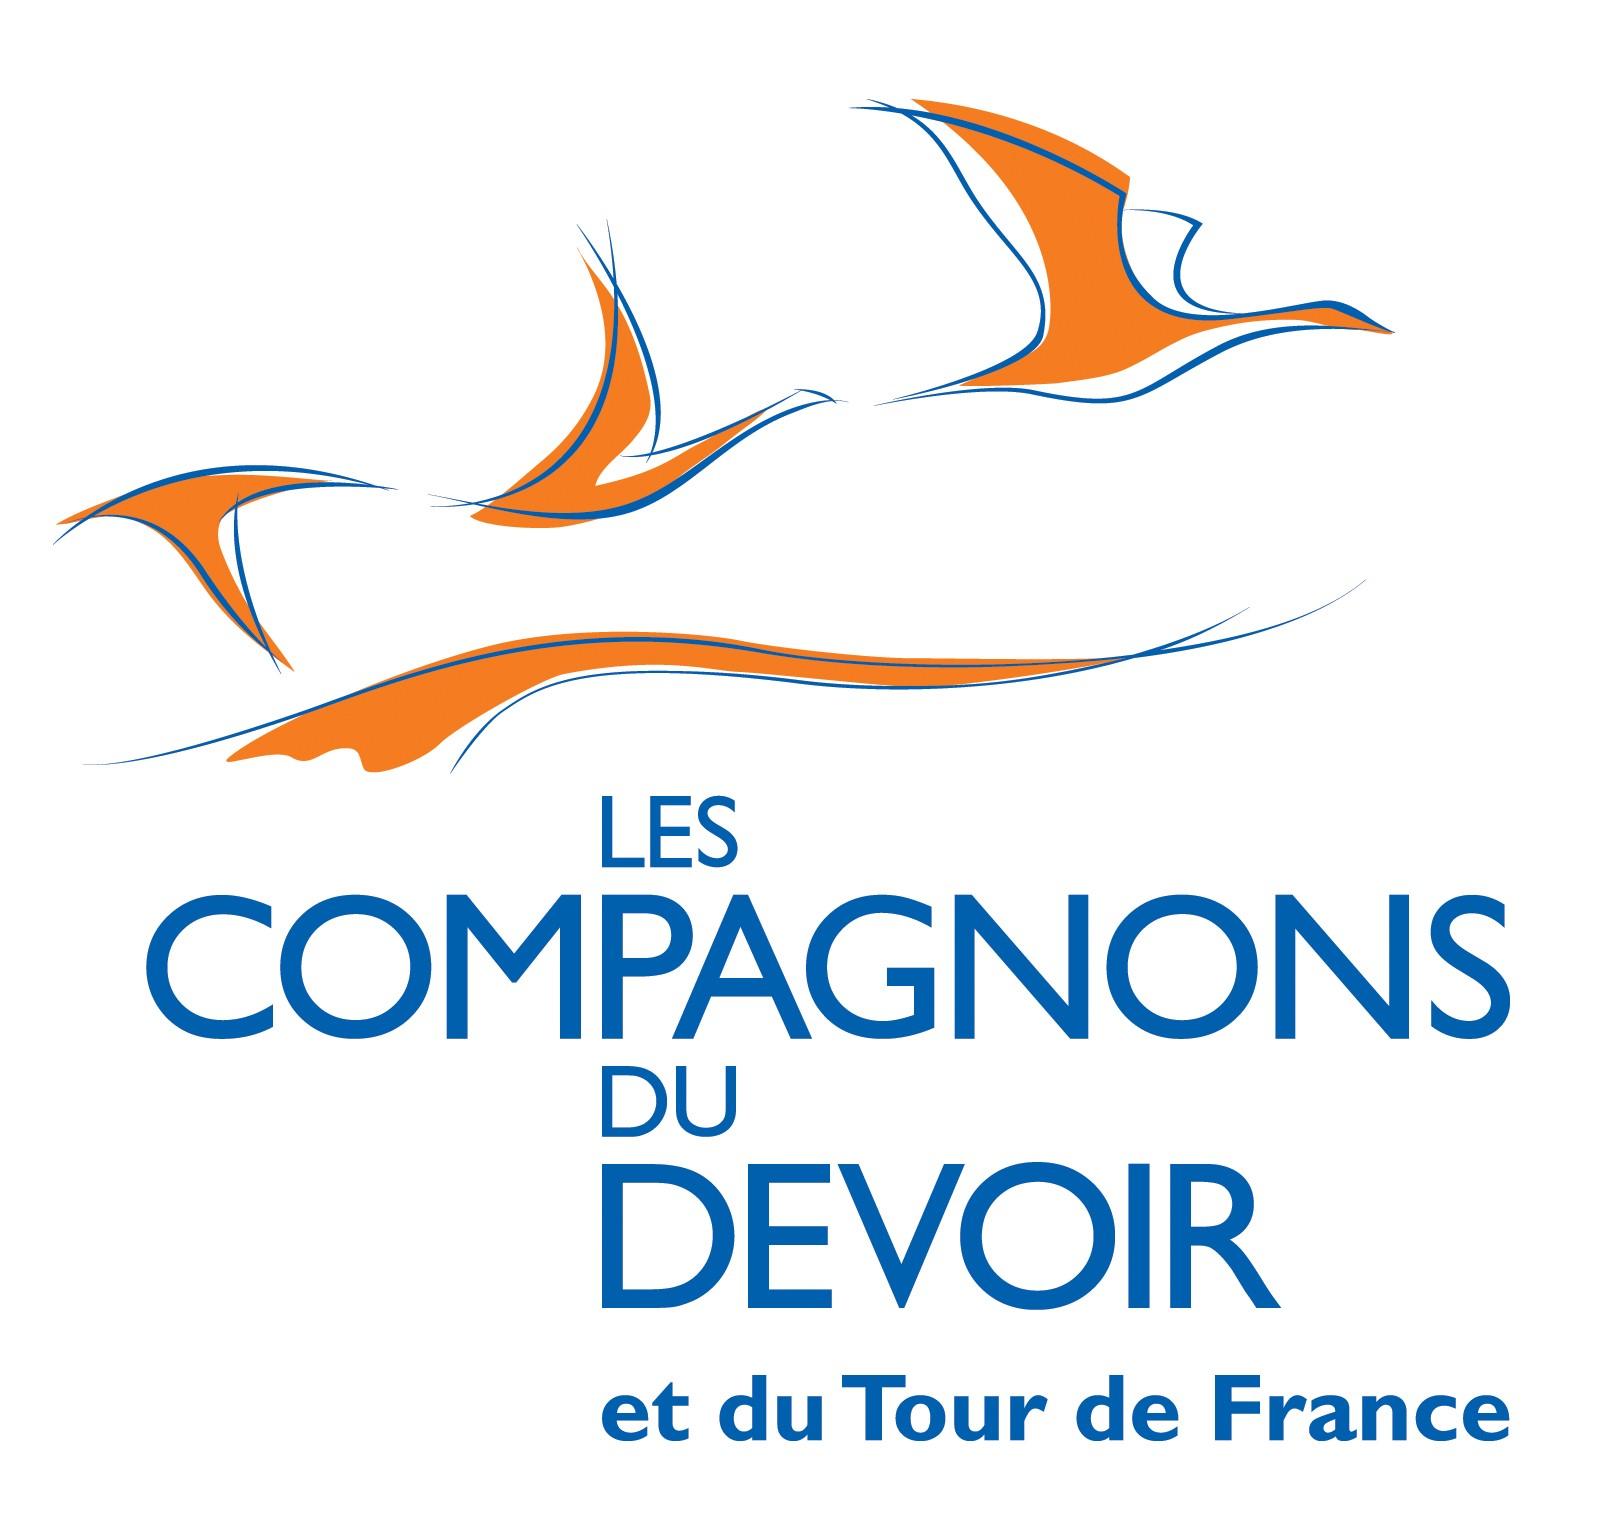 les Compagnons du Devoir et du Tour de France